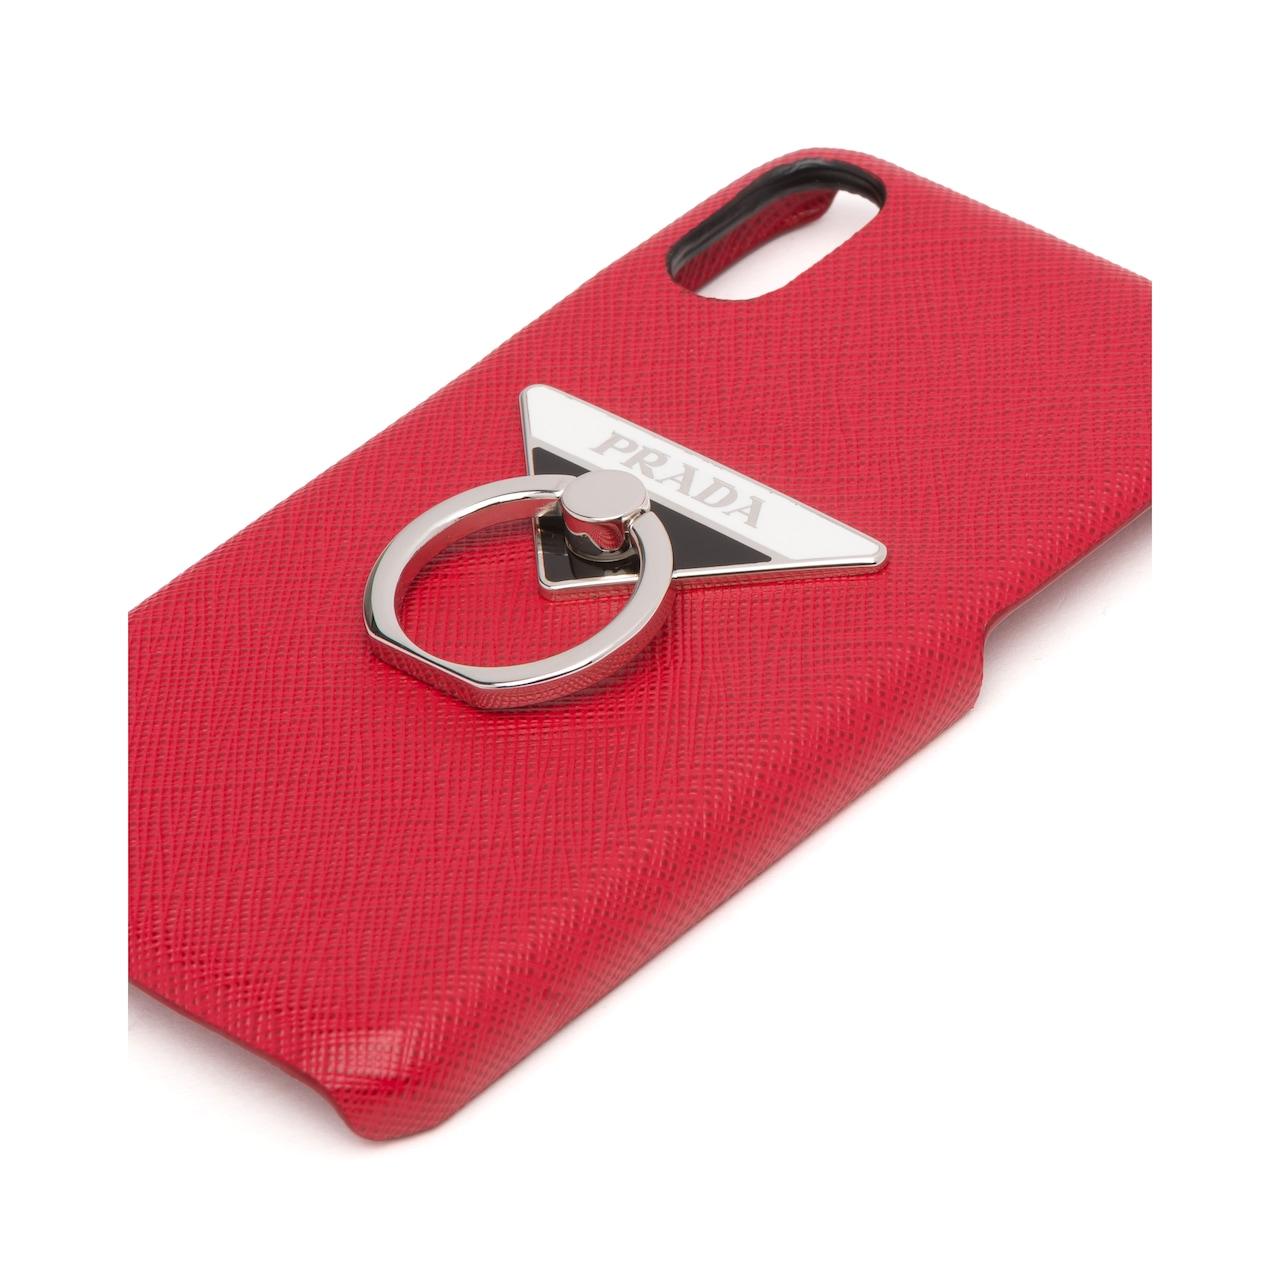 Prada Saffiano 皮革手机套 4